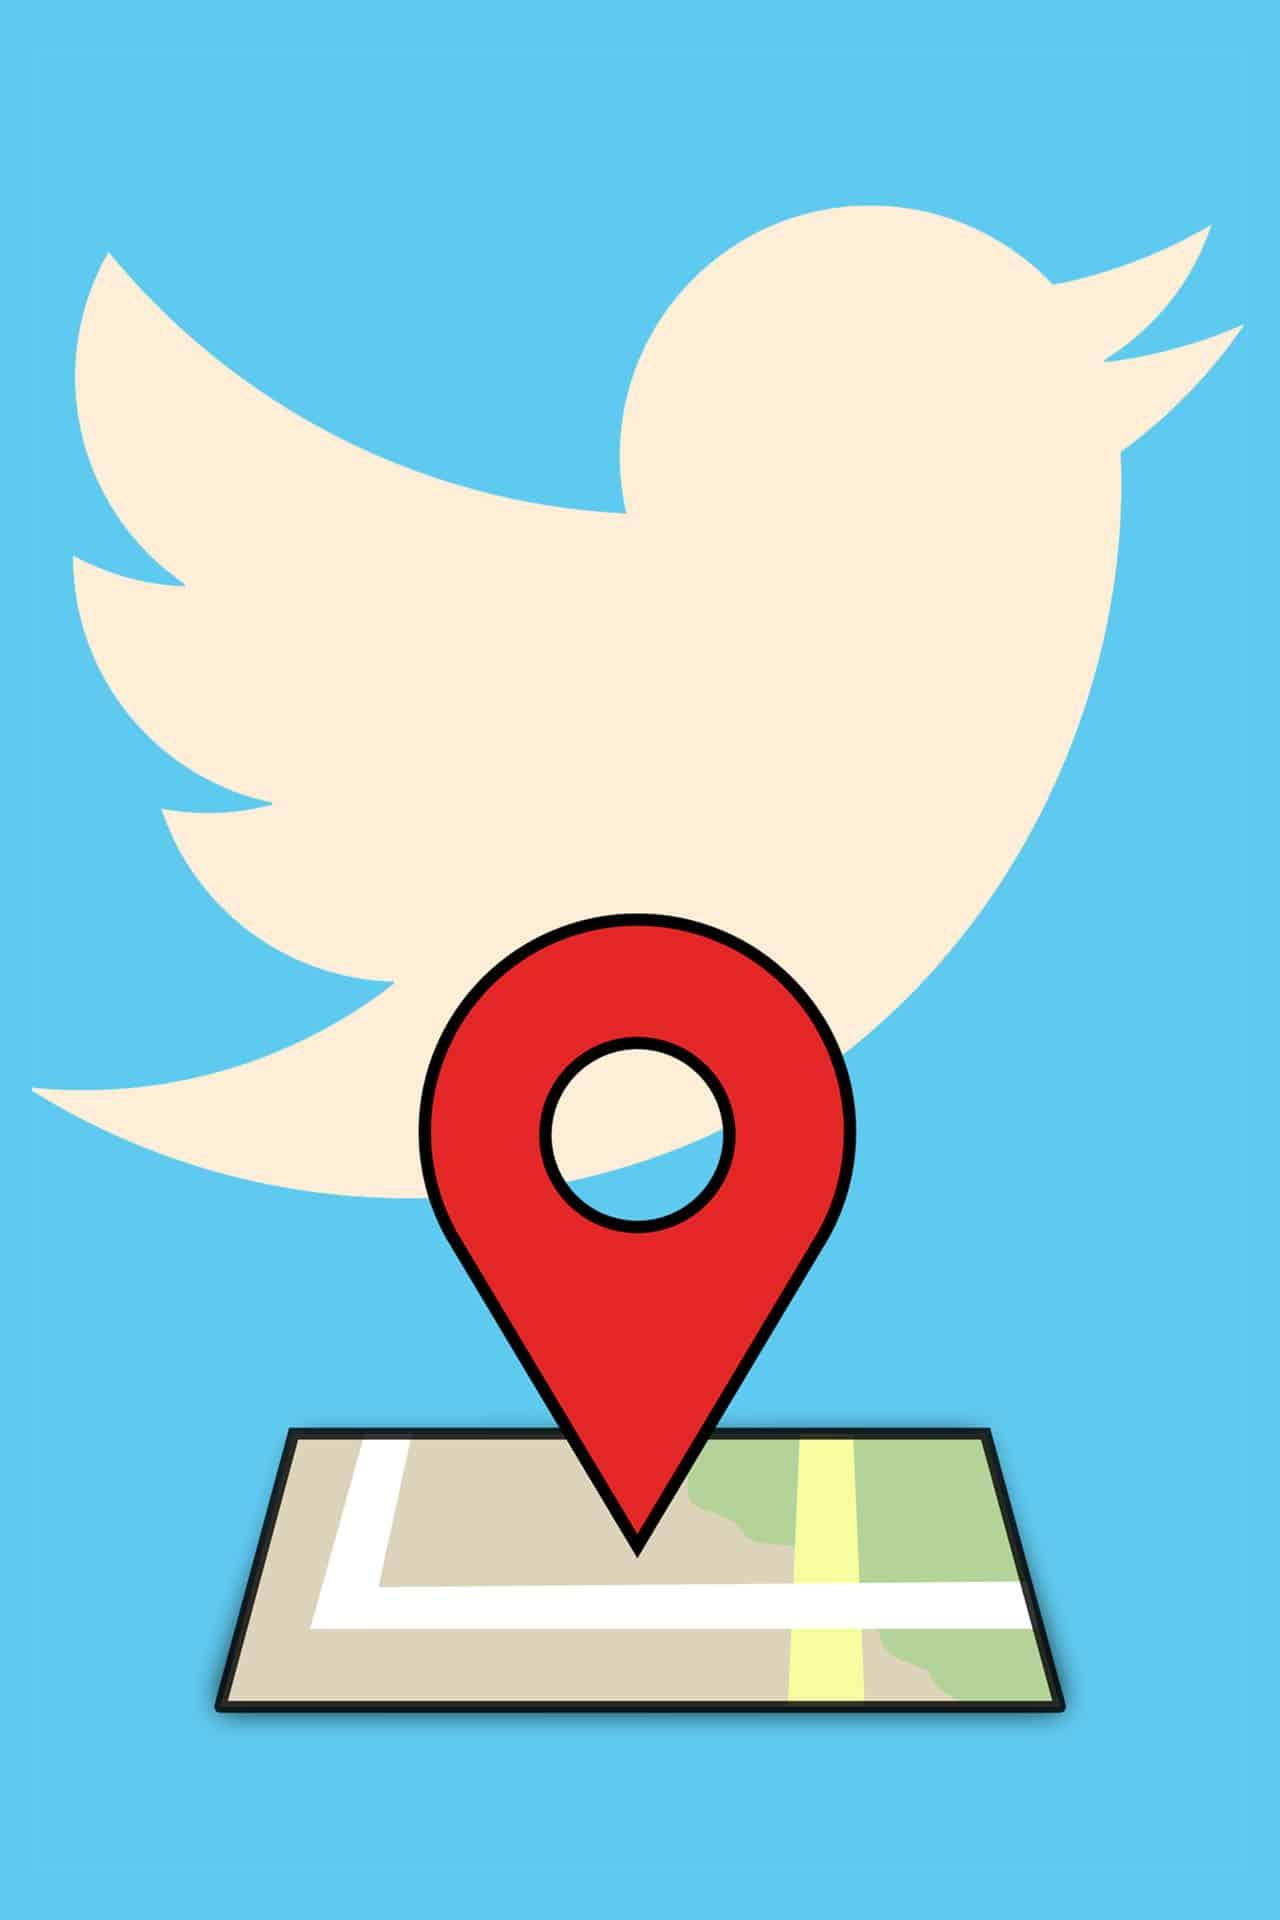 Twitter rimuove opzione posizione